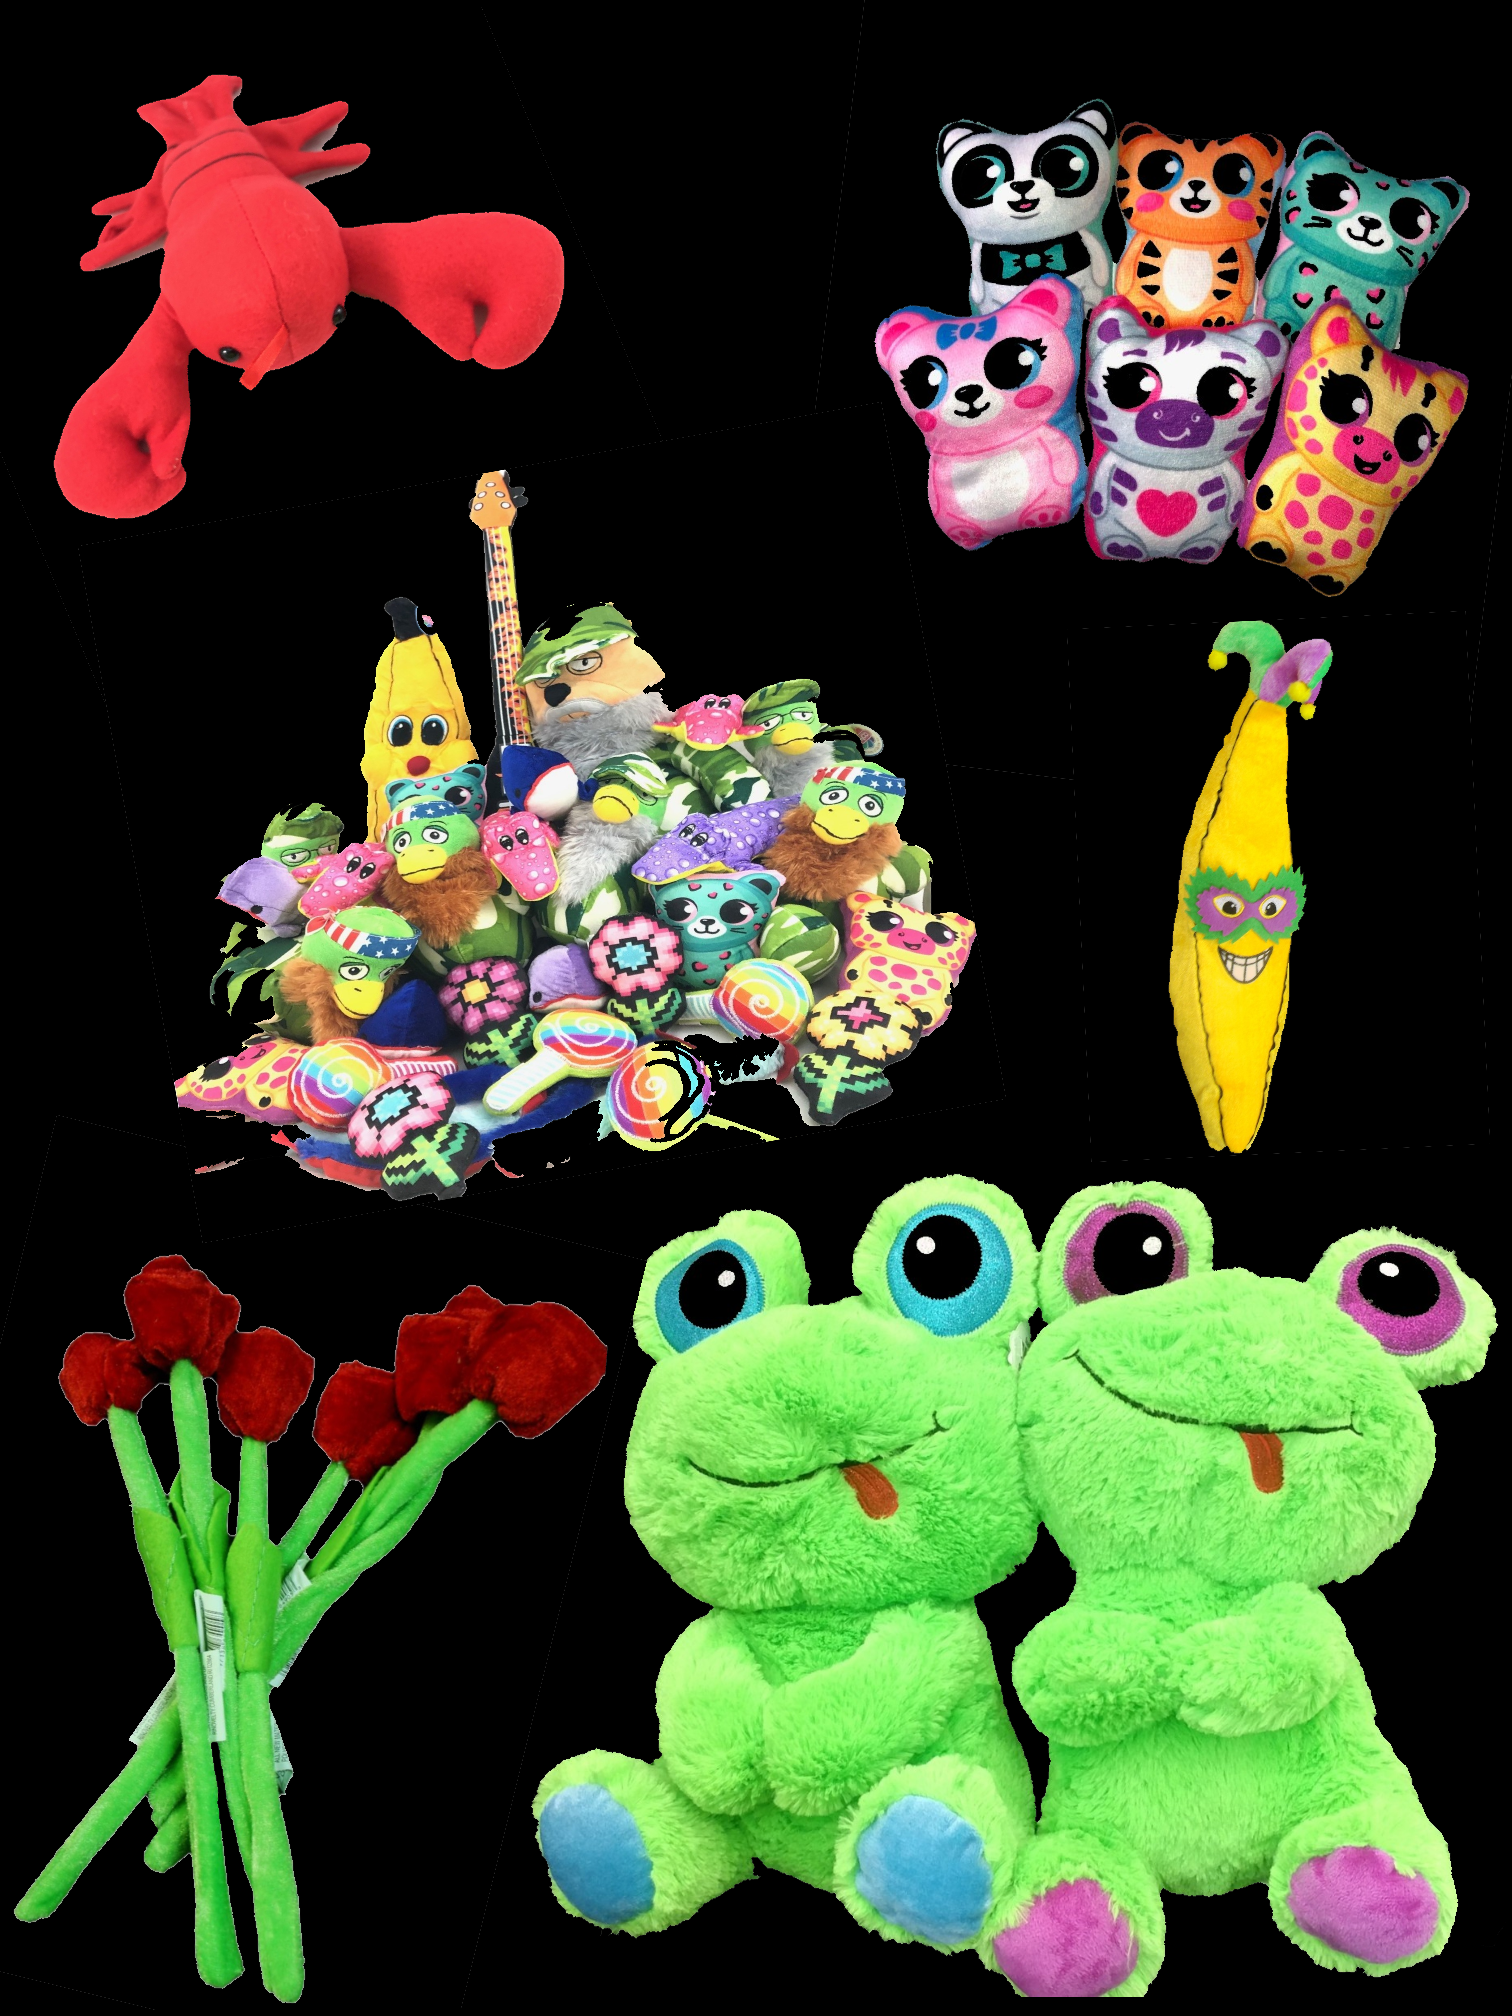 Plush & Stuffed Animals